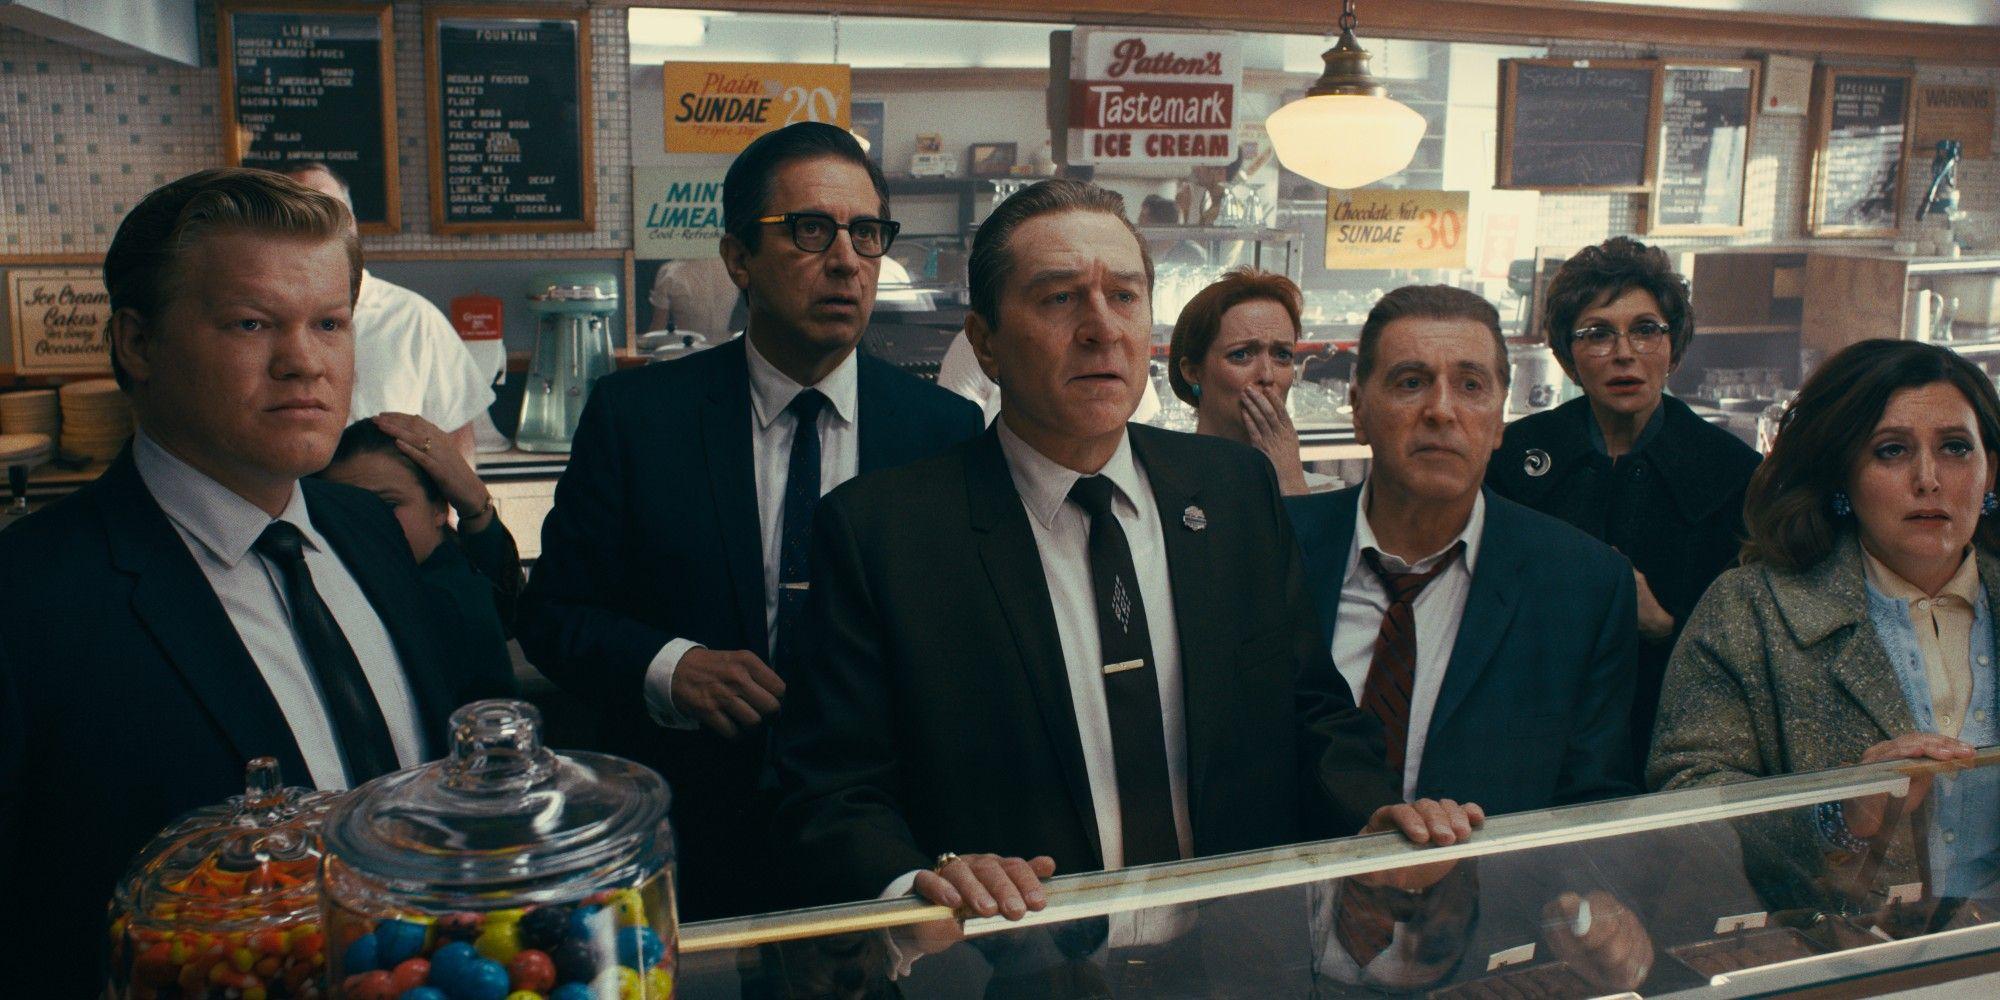 Son Of Irishman Character Calls Scorsese's Movie Fake